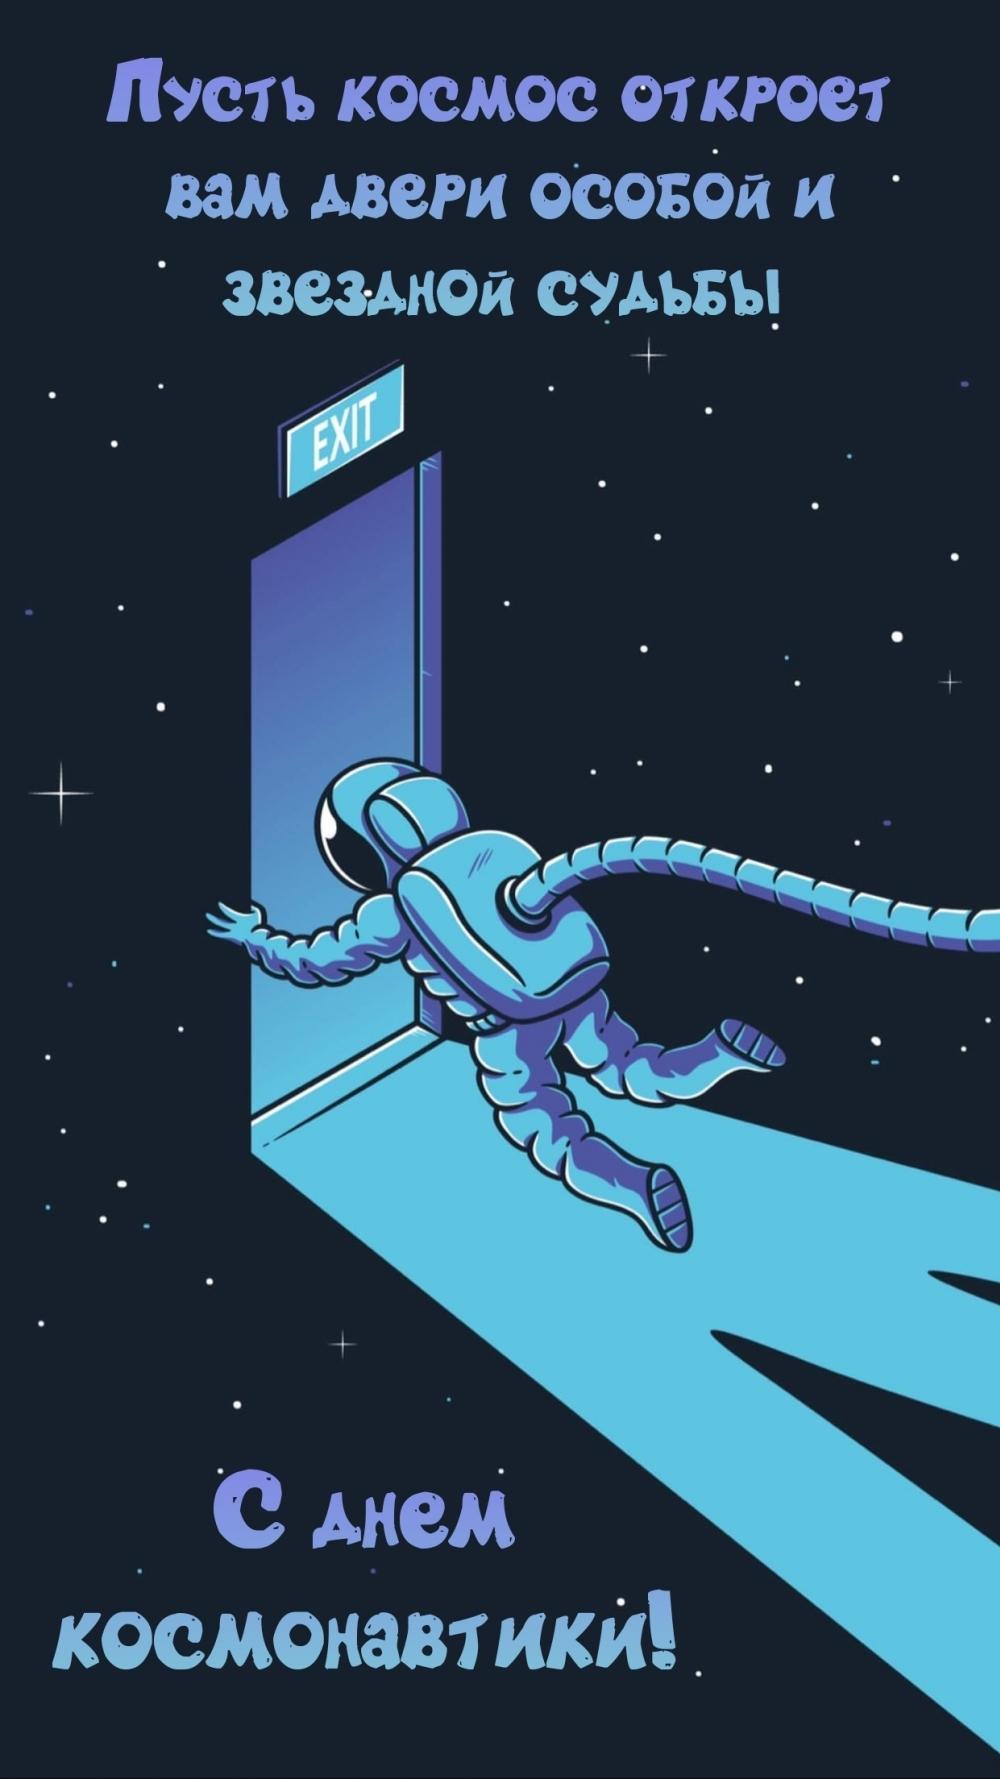 Пусть космос откроет вам двери особой и звездной судьбы